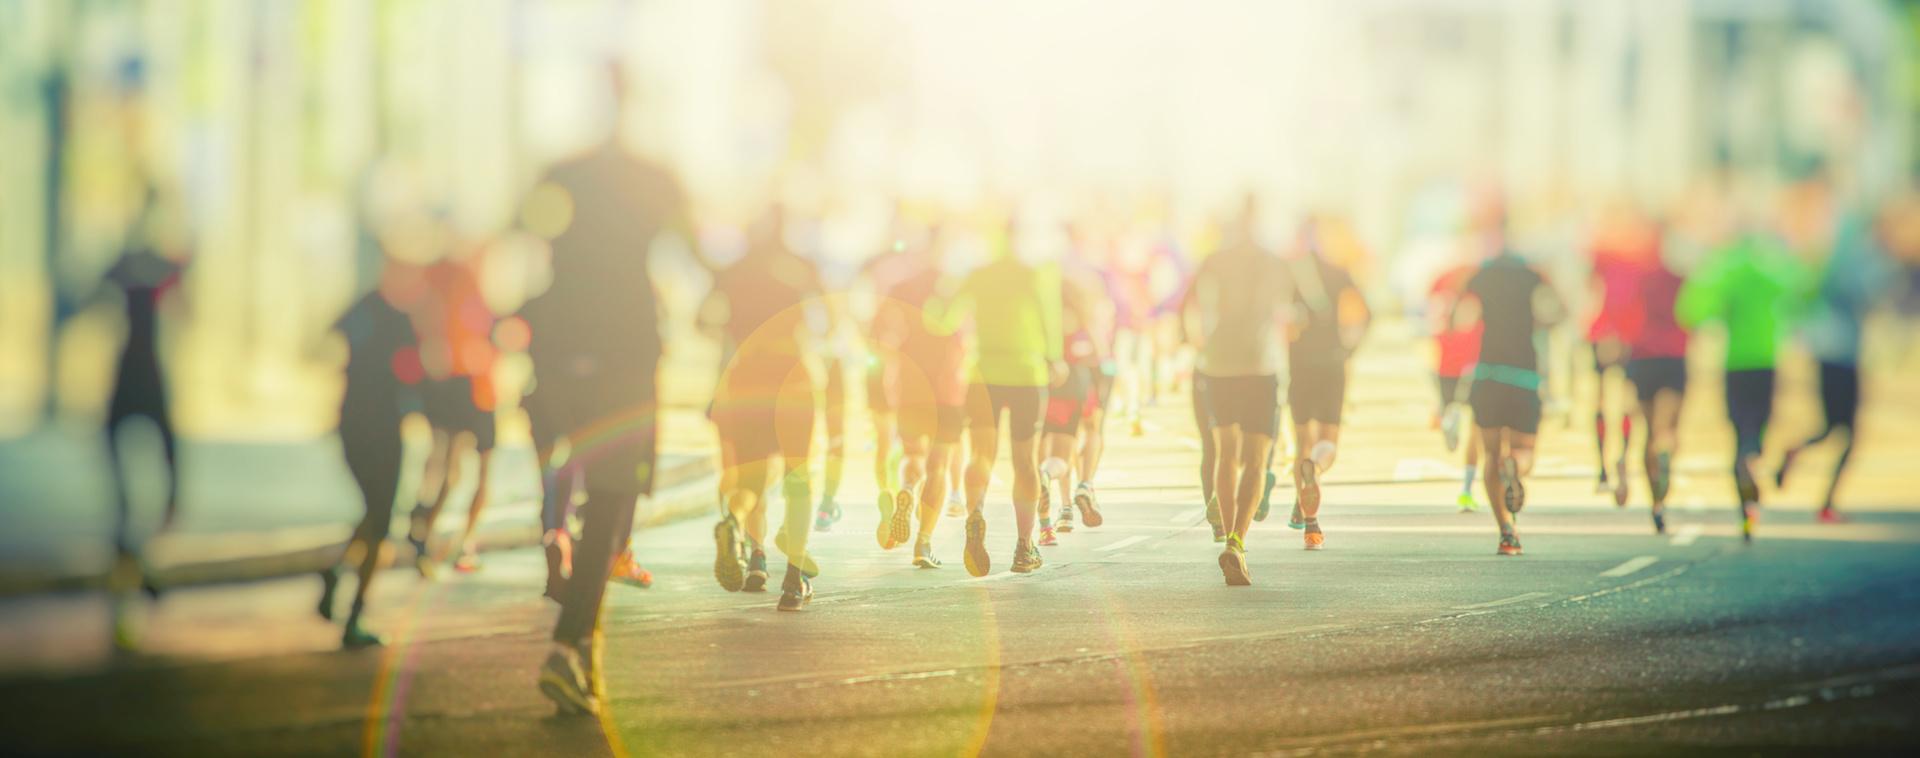 Planlæg dit løb og sælg billetter online i dit eget billetsystem